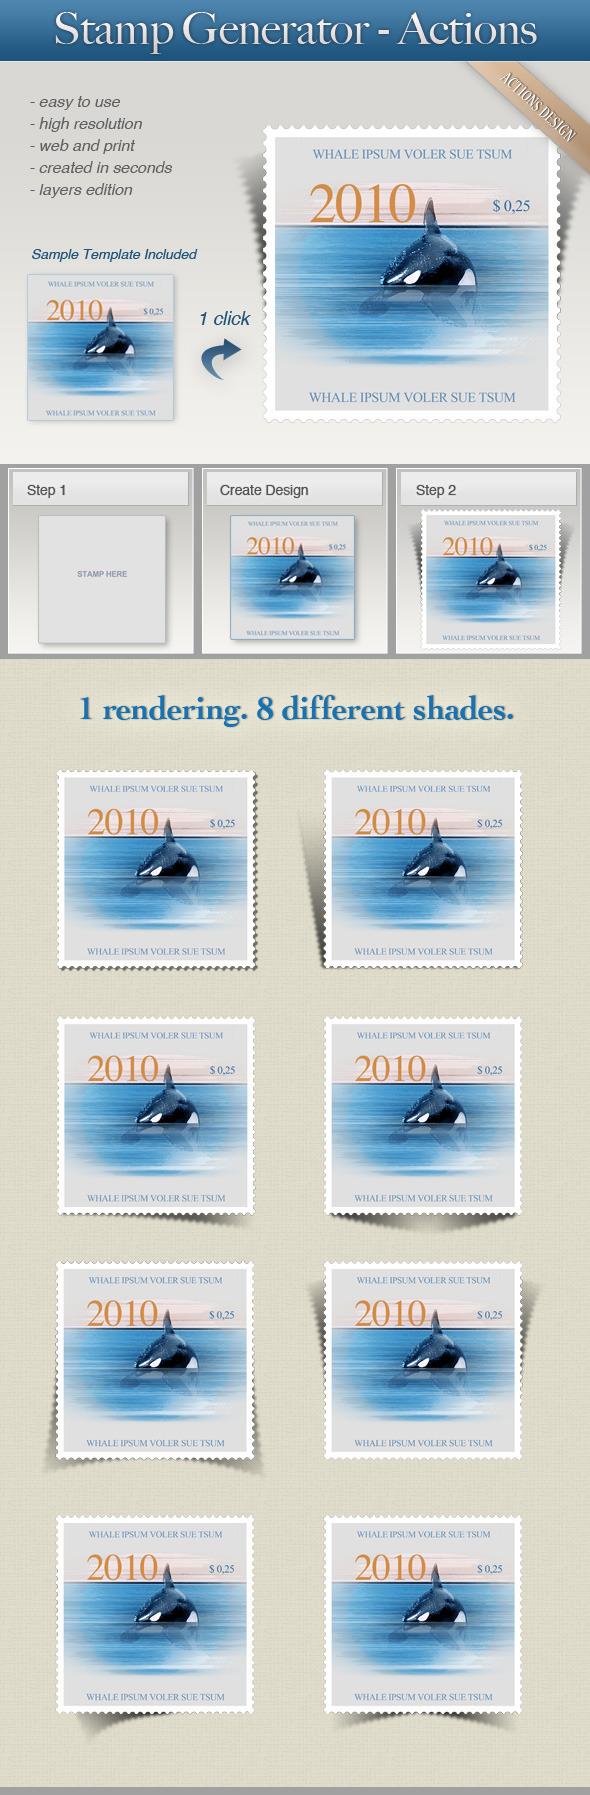 Stamp Generator - Utilities Actions